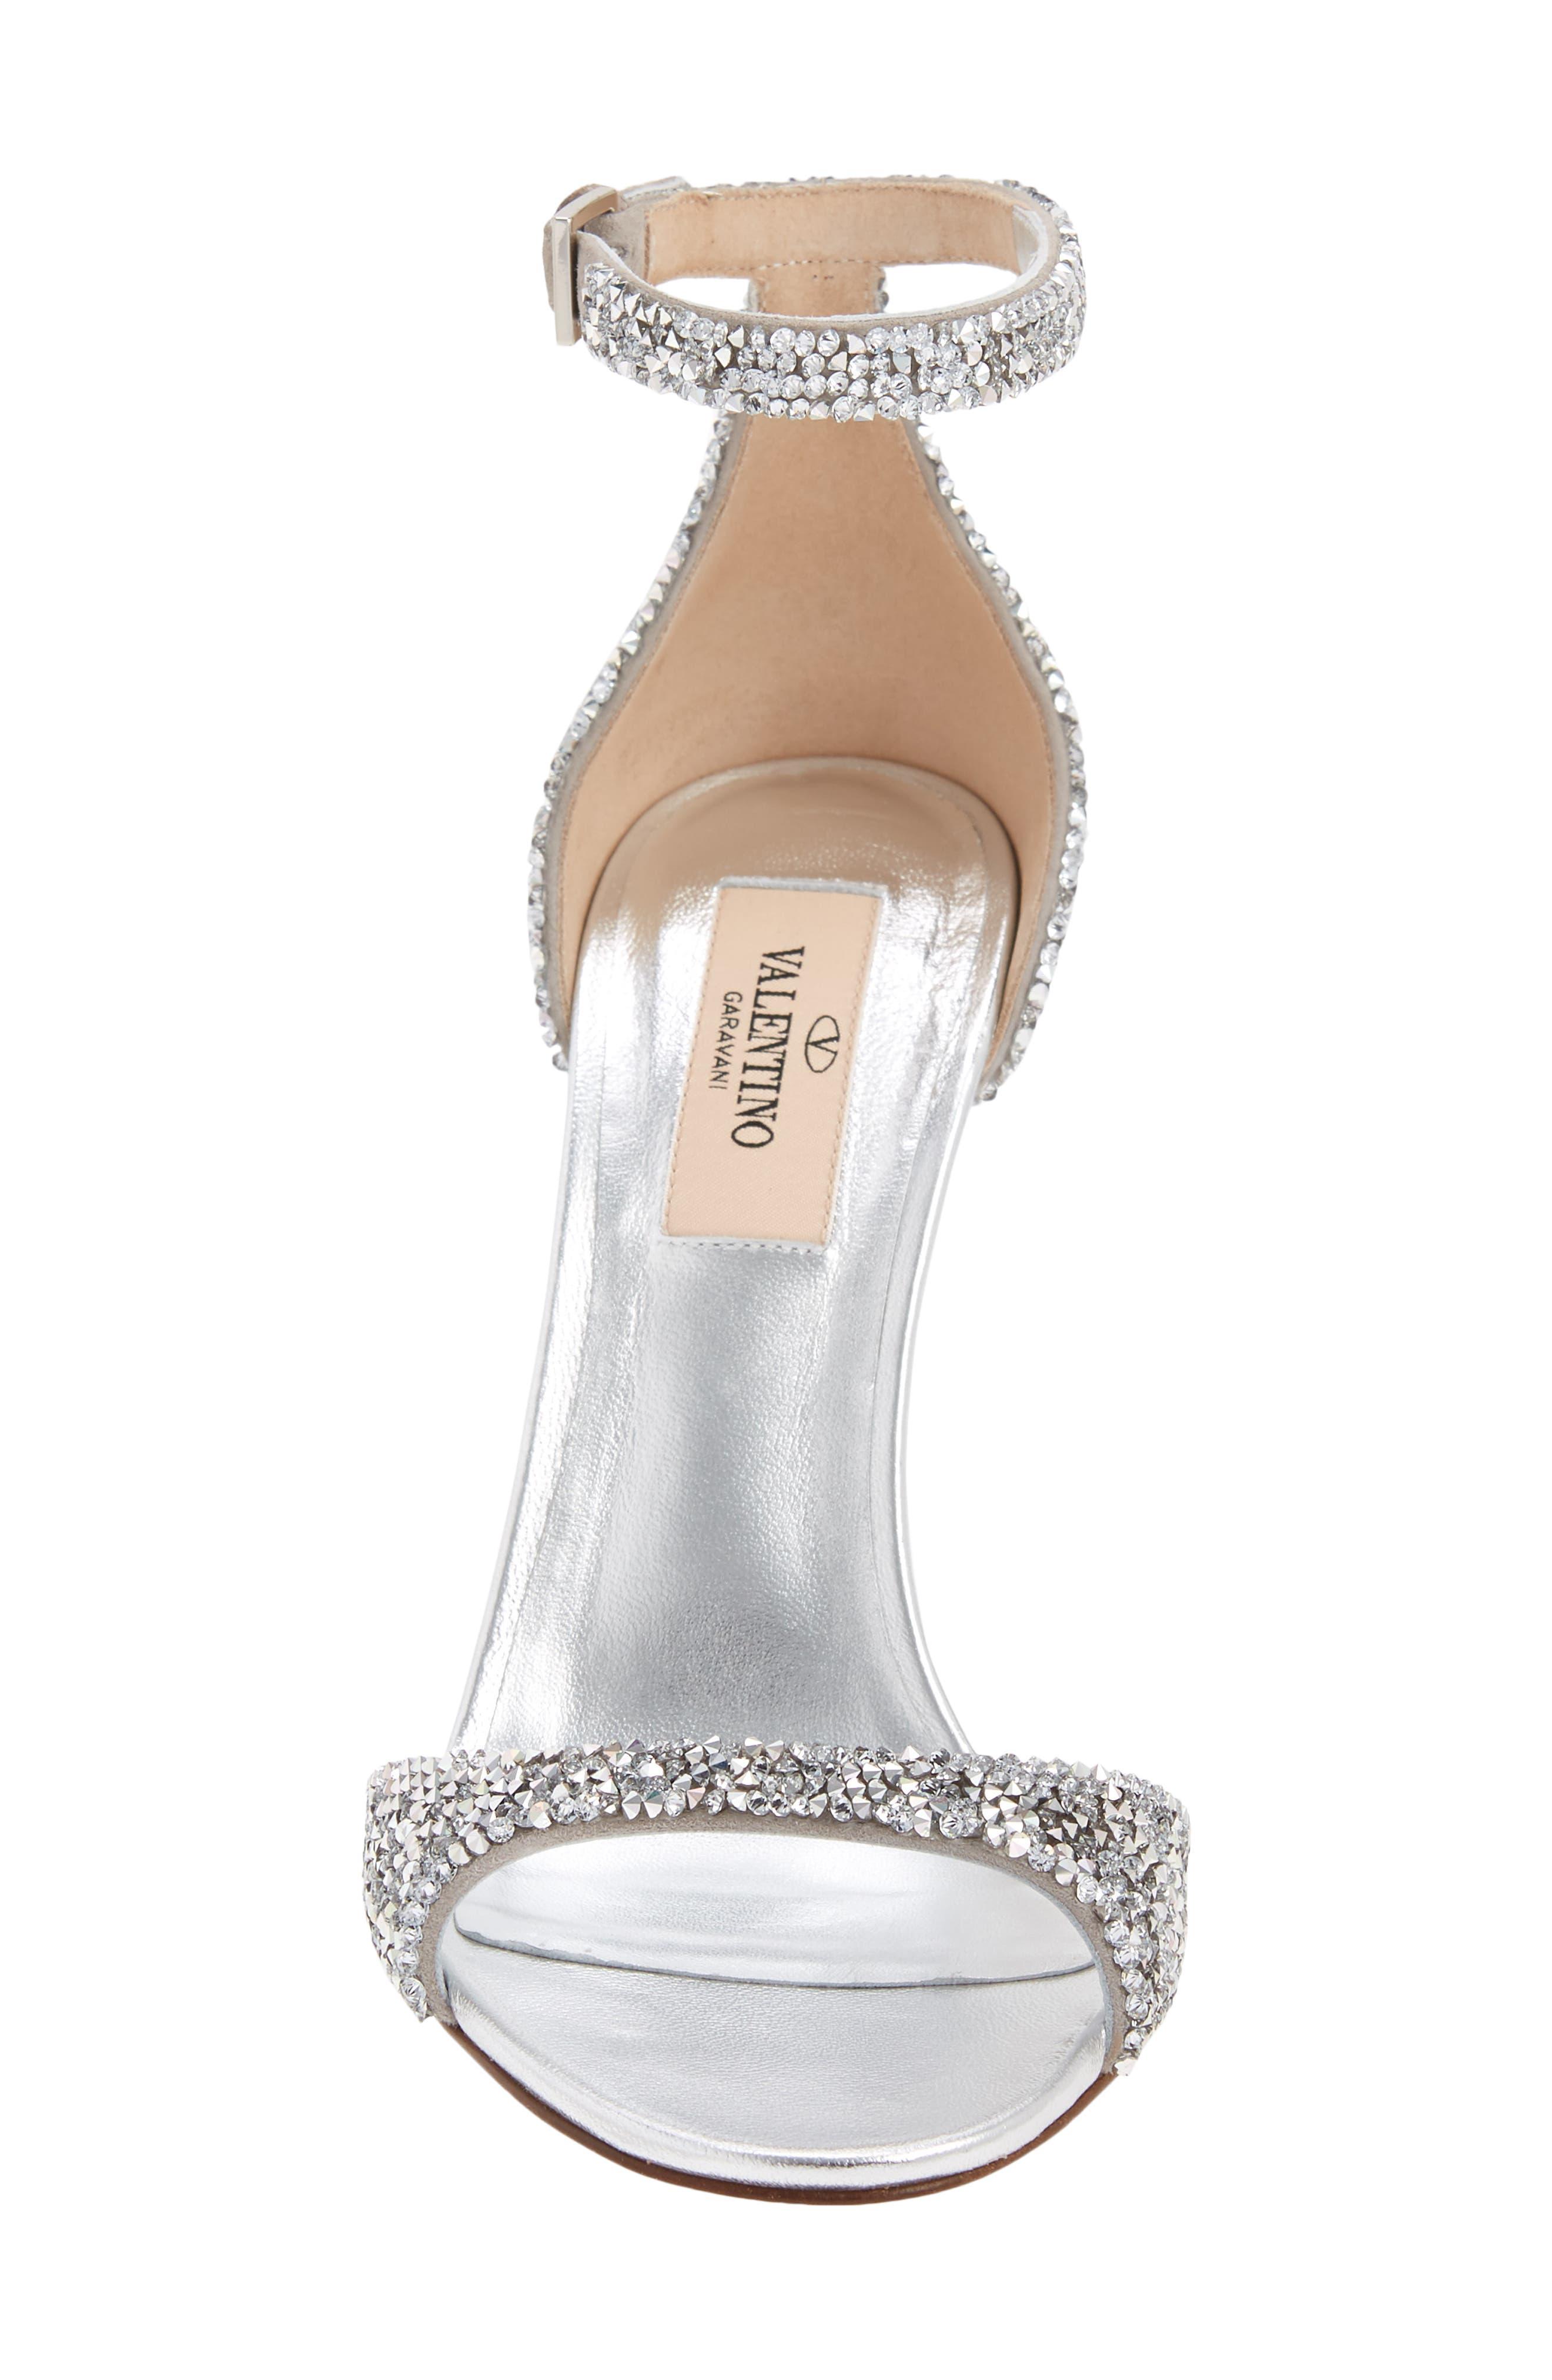 GARAVANI Crystal Embellished Clear Heel Sandal,                             Alternate thumbnail 4, color,                             Silver